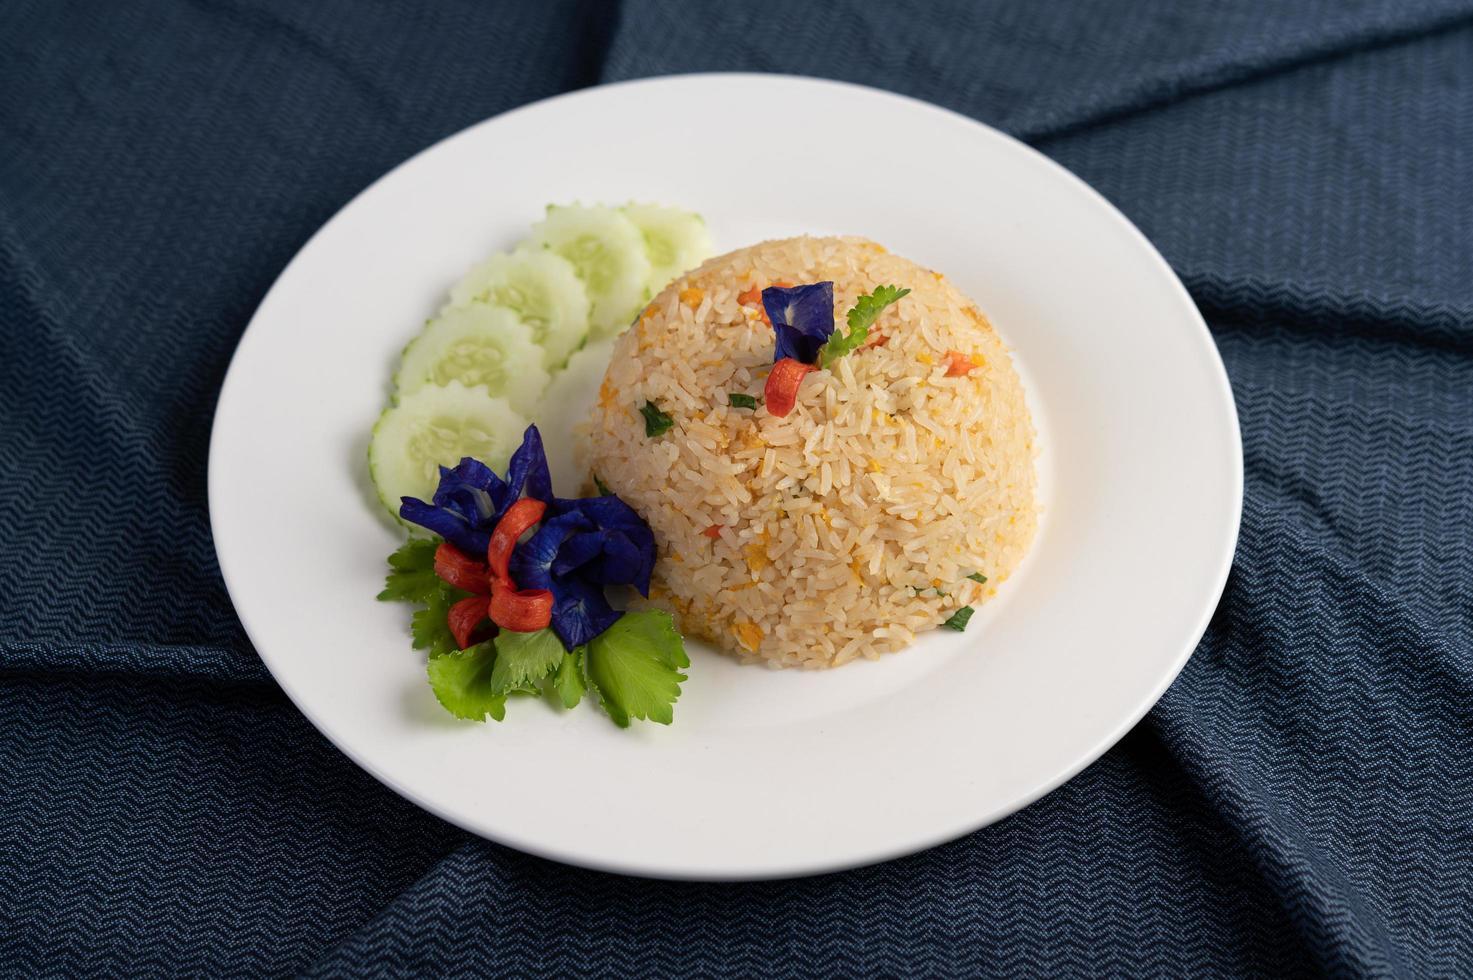 Ei gebratener Reis auf einem weißen Teller mit zerknittertem Stoff foto